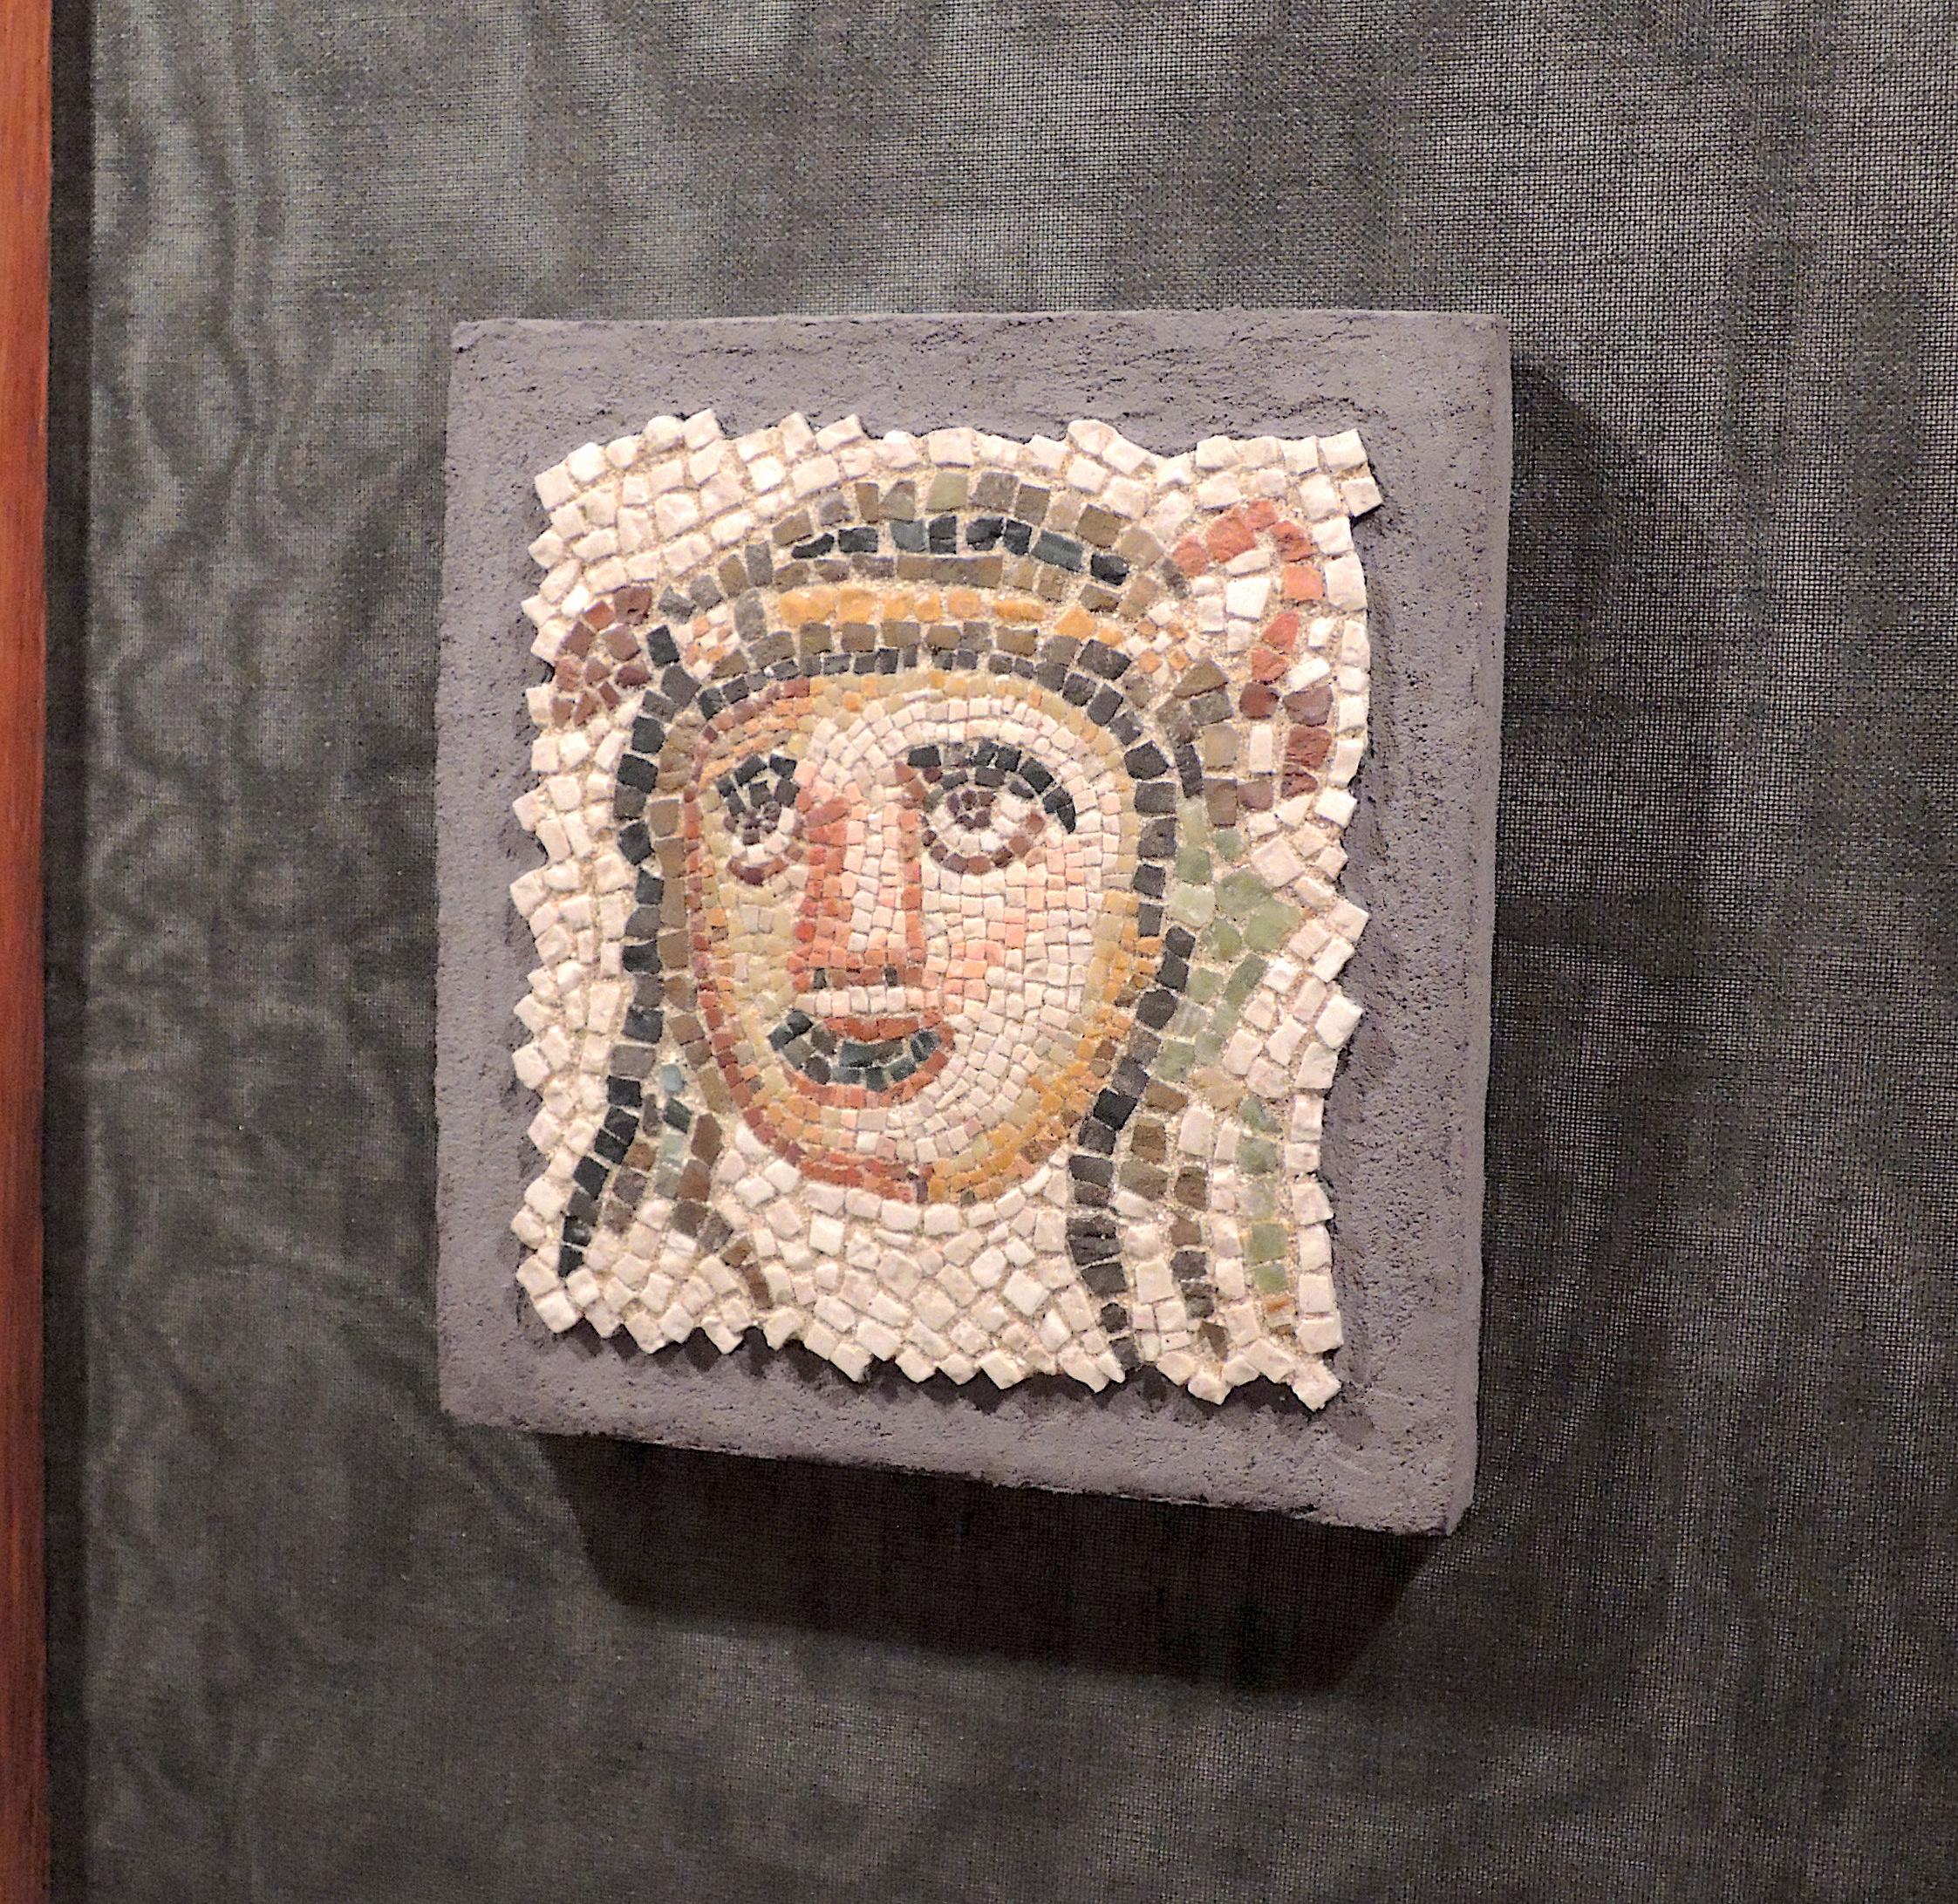 古代ローマ時代のモザイクコピー マイクロモザイク制作おかだなほみ